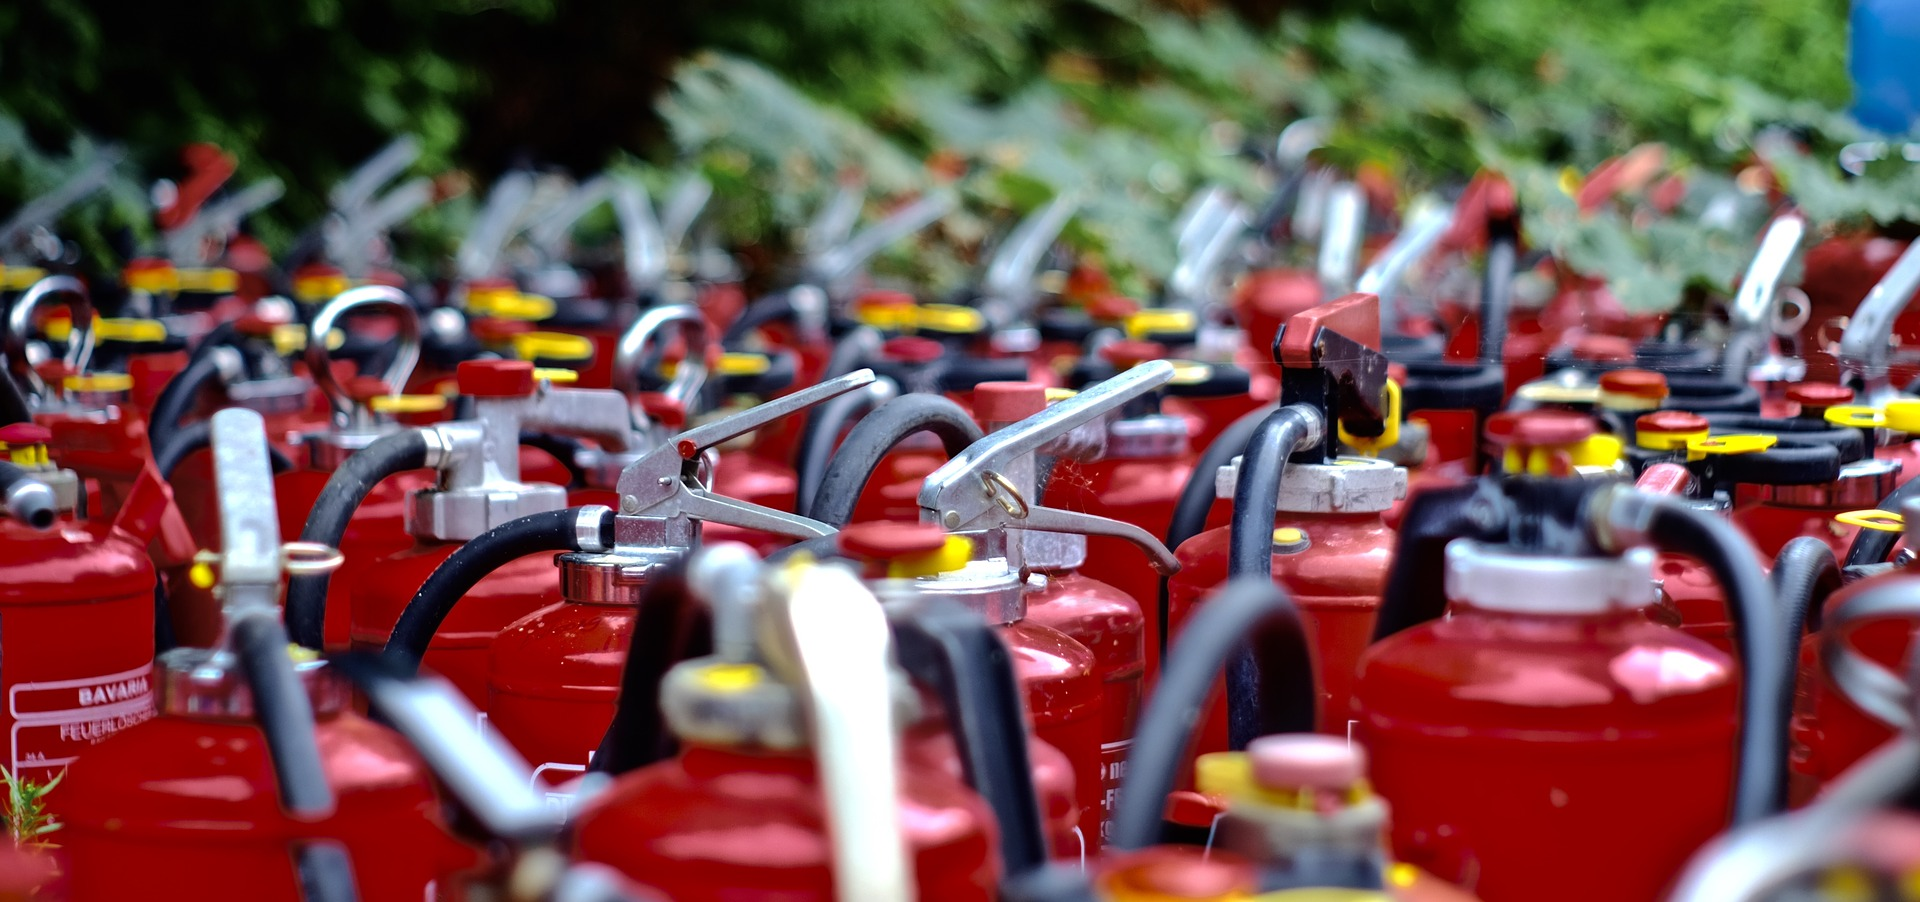 Как выбрать огнетушитель и рассчитать необходимое количество для помещения